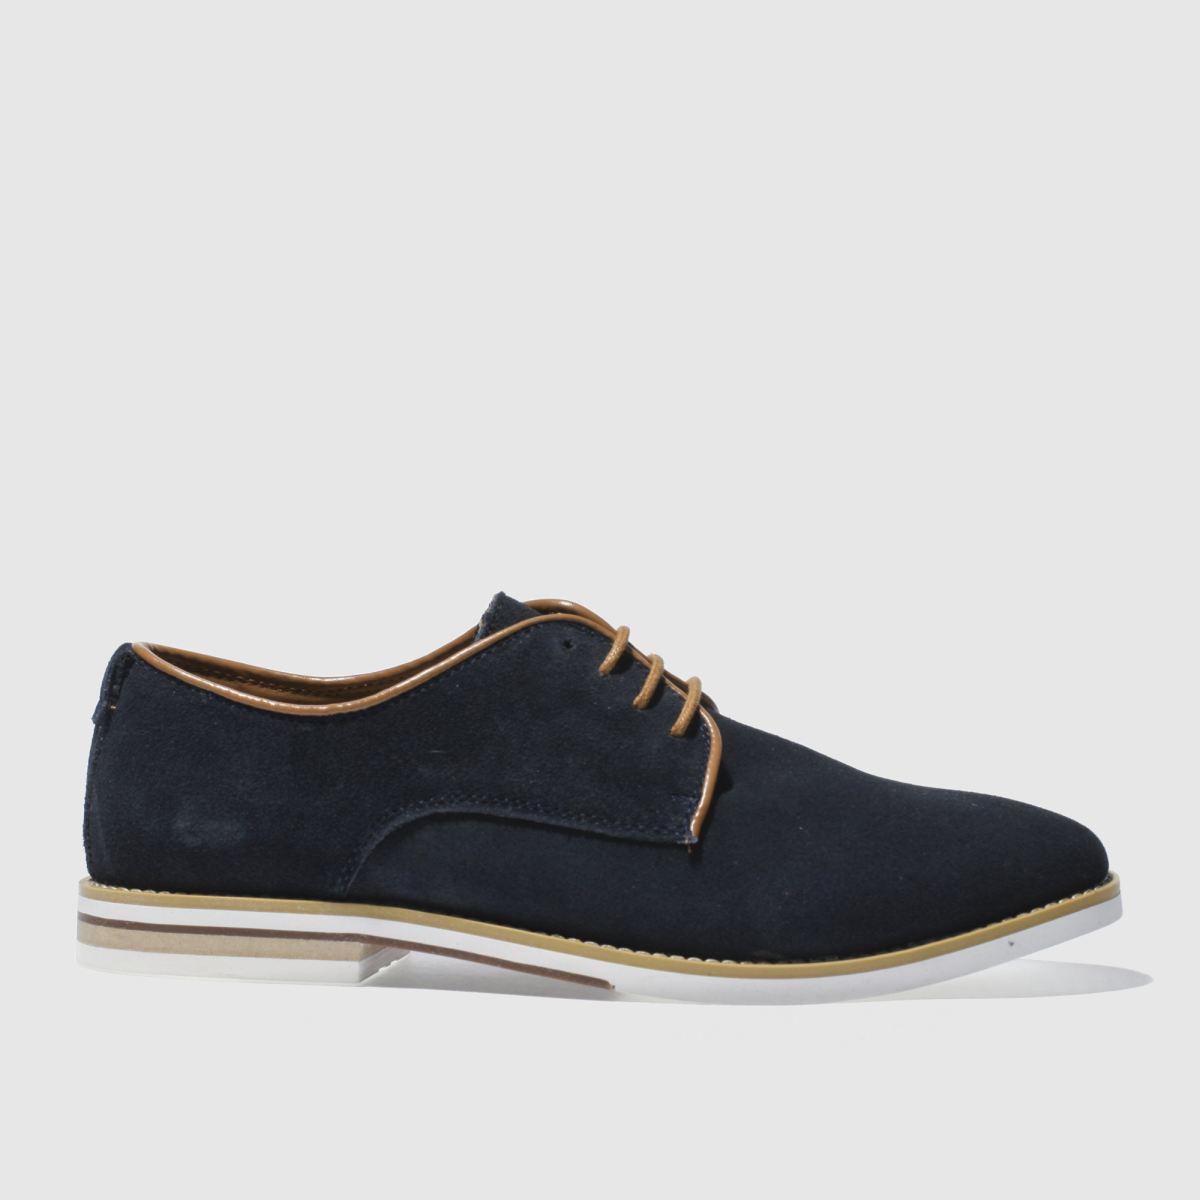 Peter Werth Peter Werth Navy Nesbitt Split Derby Shoes